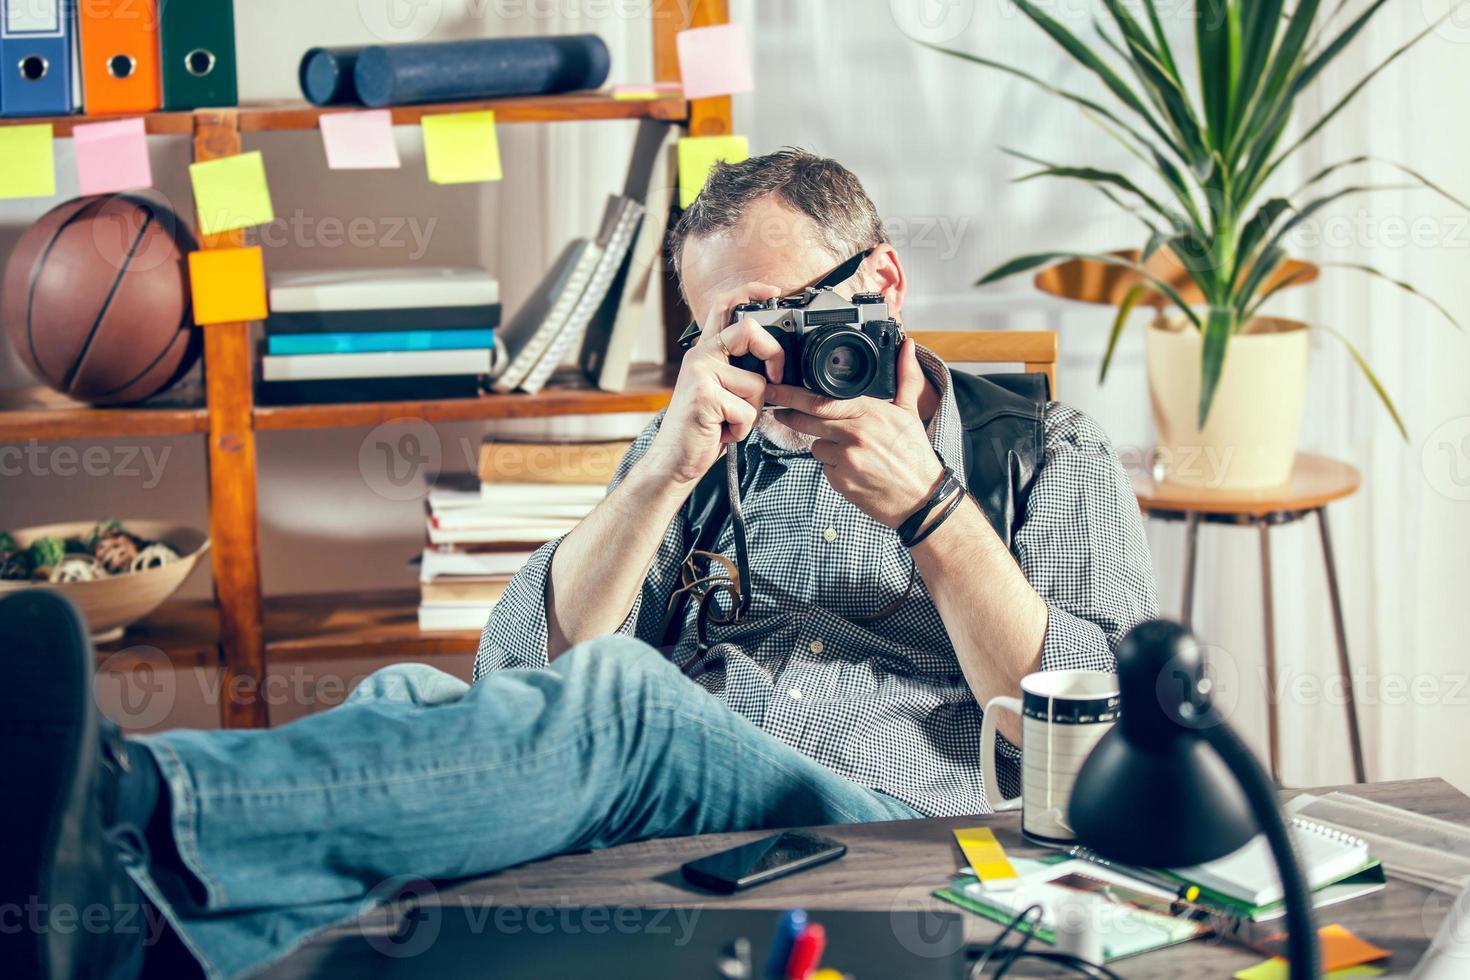 fotograaf aan het werk foto